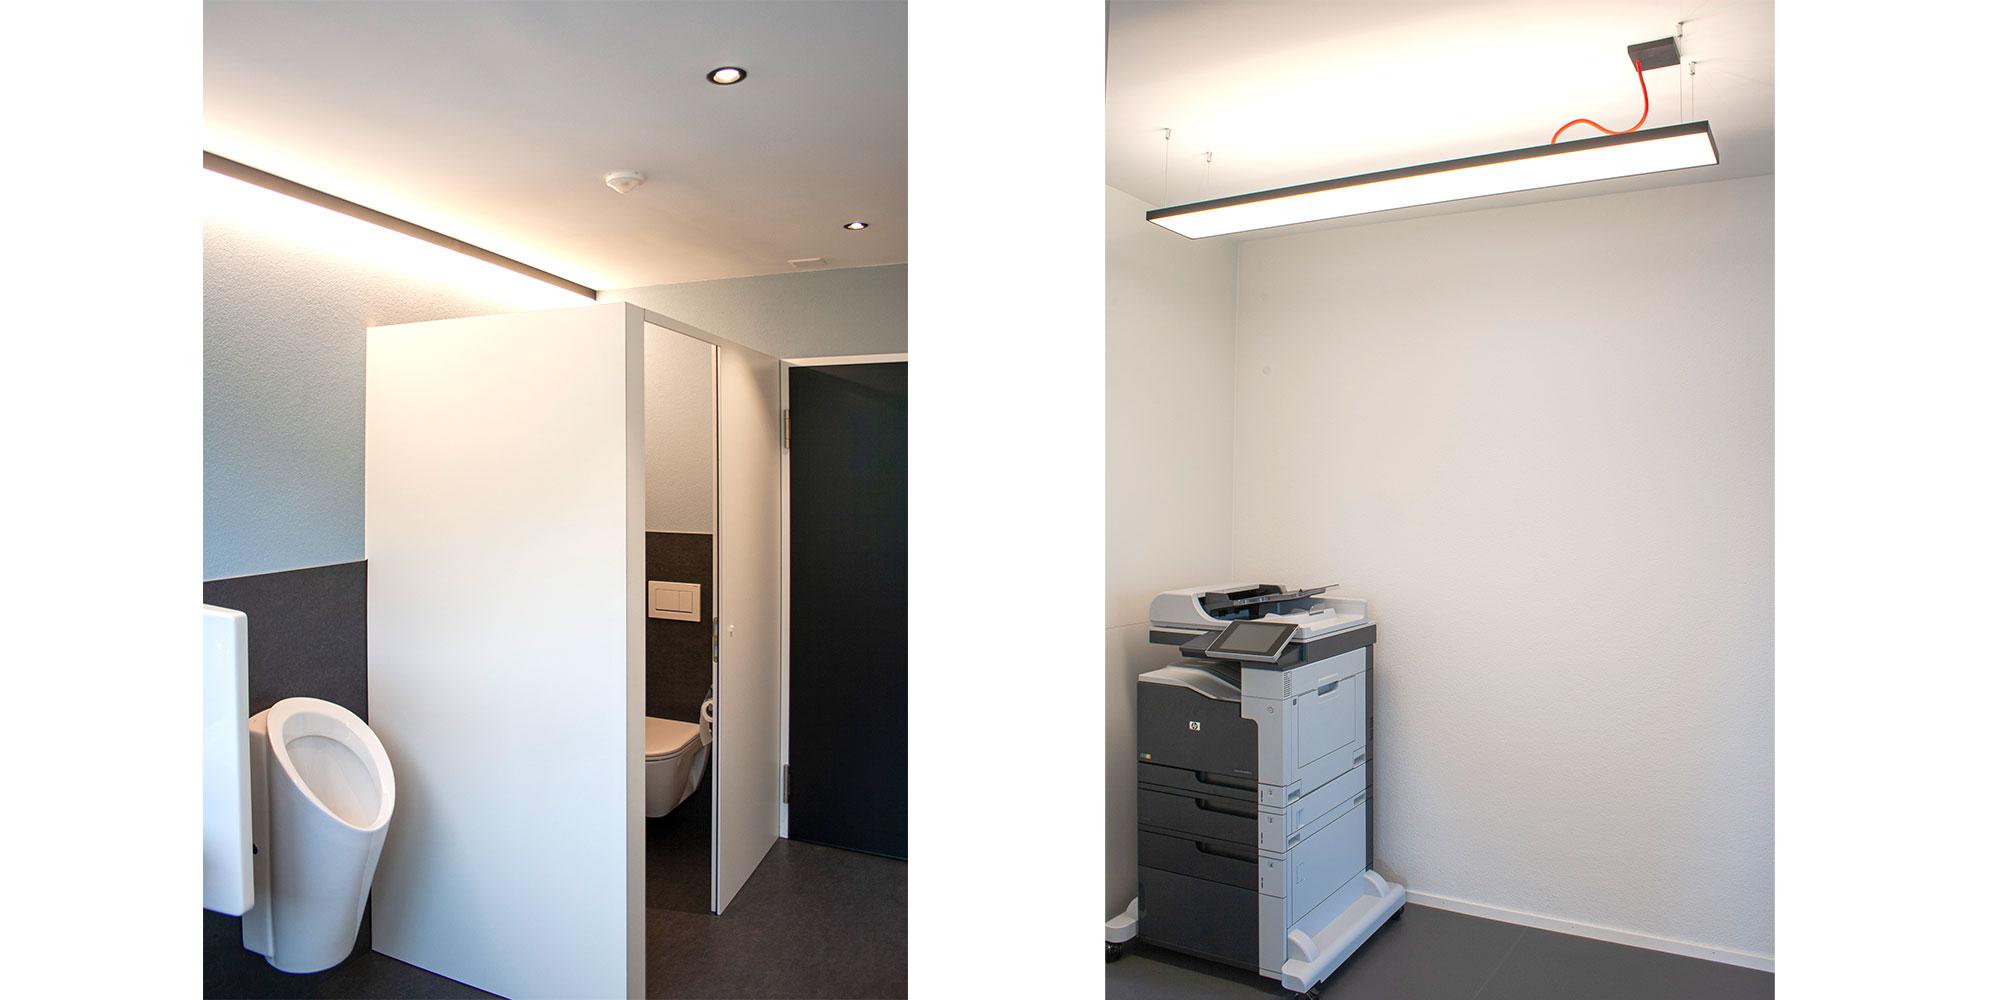 Die Toiletteten wurden elegant mit runden Einbauspots ausgestattet und mit Matric A1 Anbauleuchten von Lightnet linear ausgeleuchet. Der Druckerraum wurde mit der Cubic P5 Flächen- Pendelleuchte